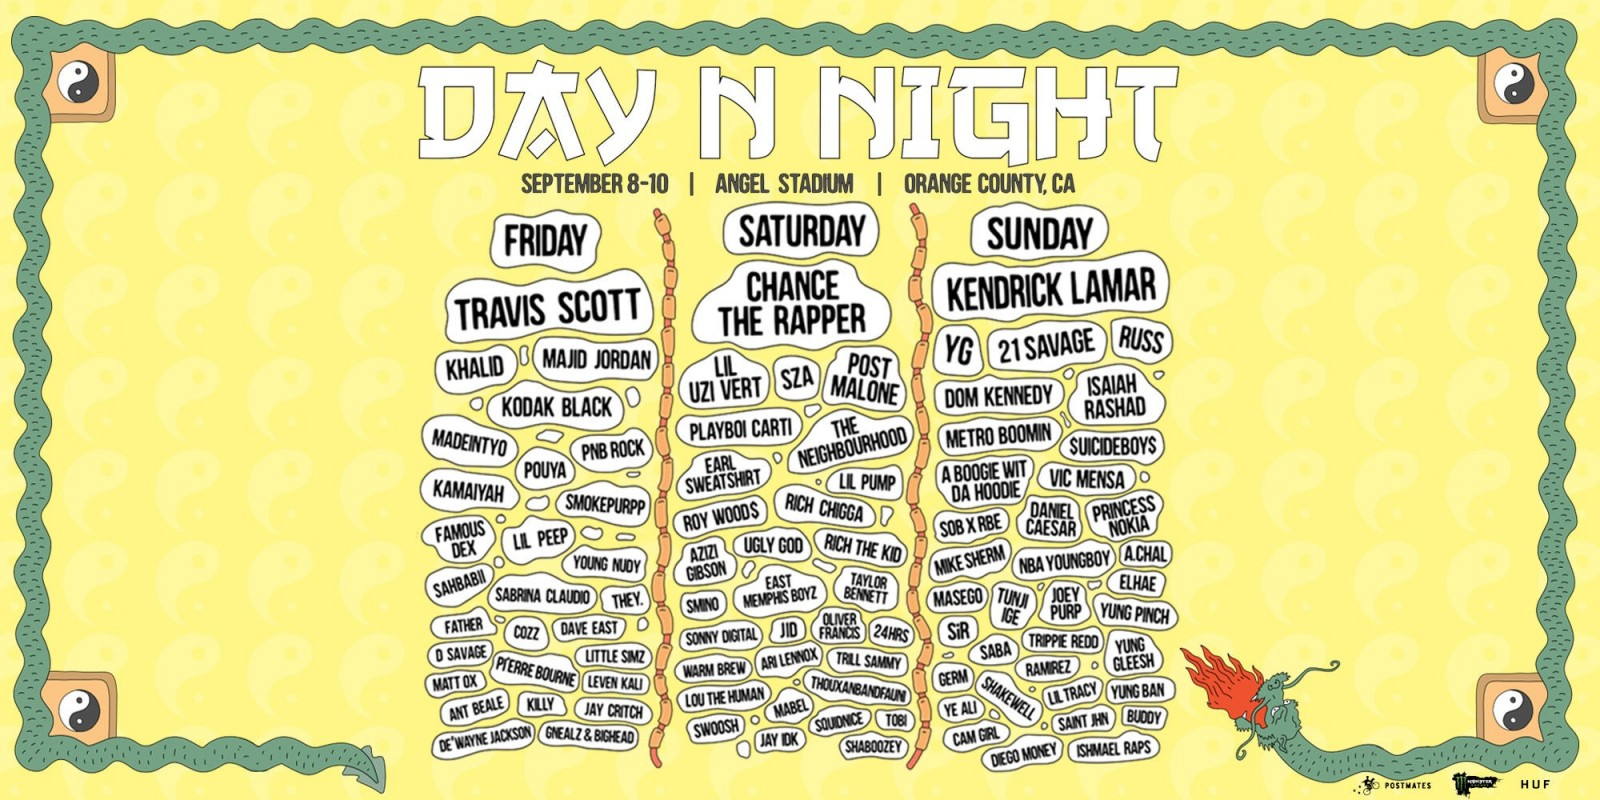 daynnight lineup 2017